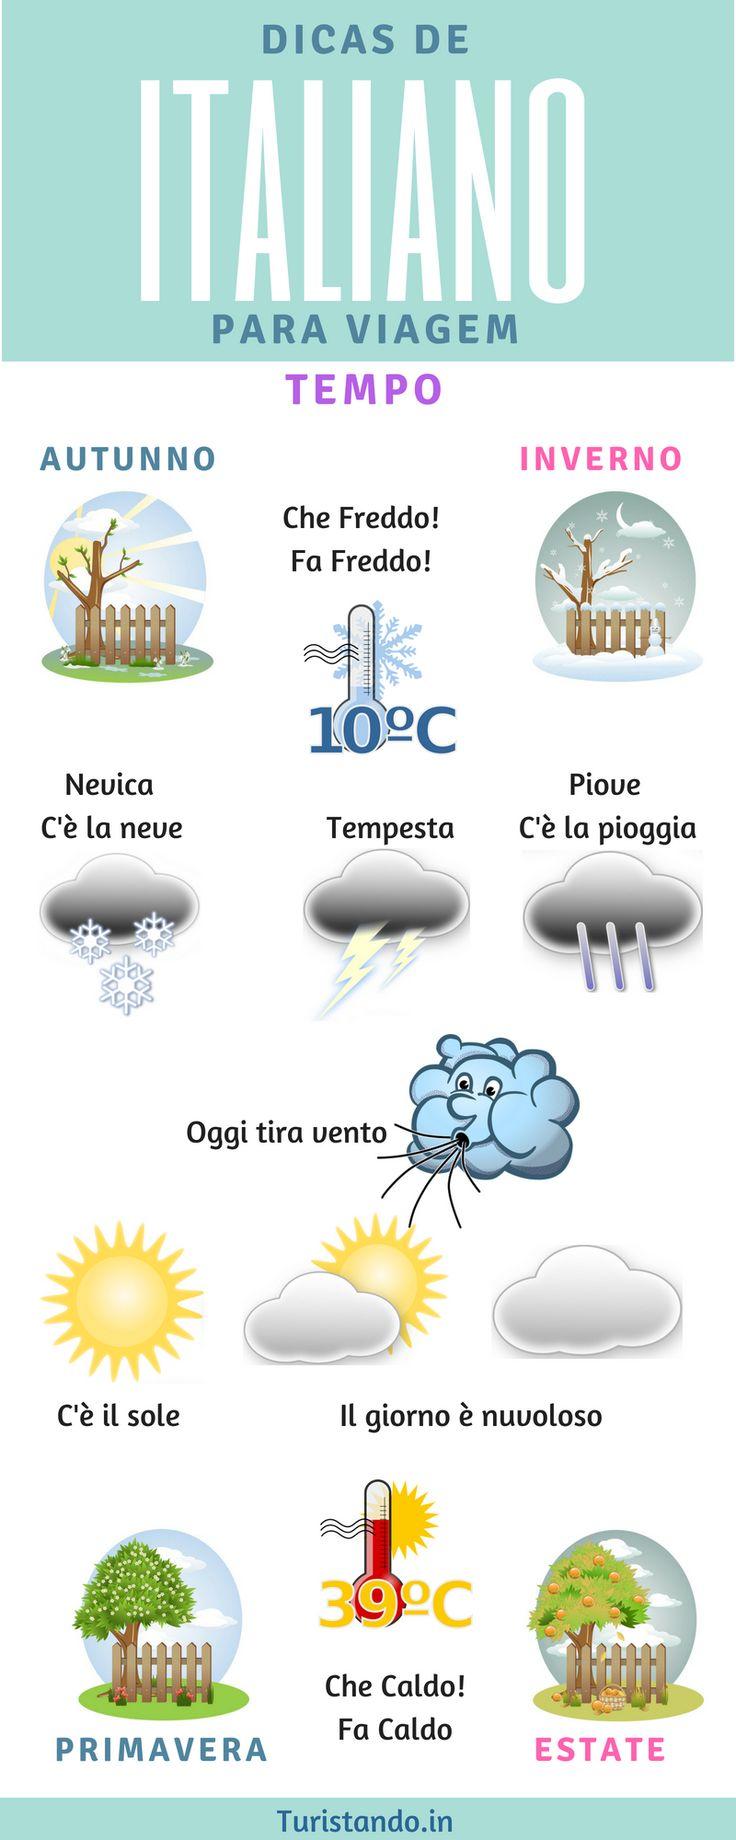 Conhecendo os principais pontos turísticos da Itália (Turistando.in)   – * As Viagens do blog Turistando.in *